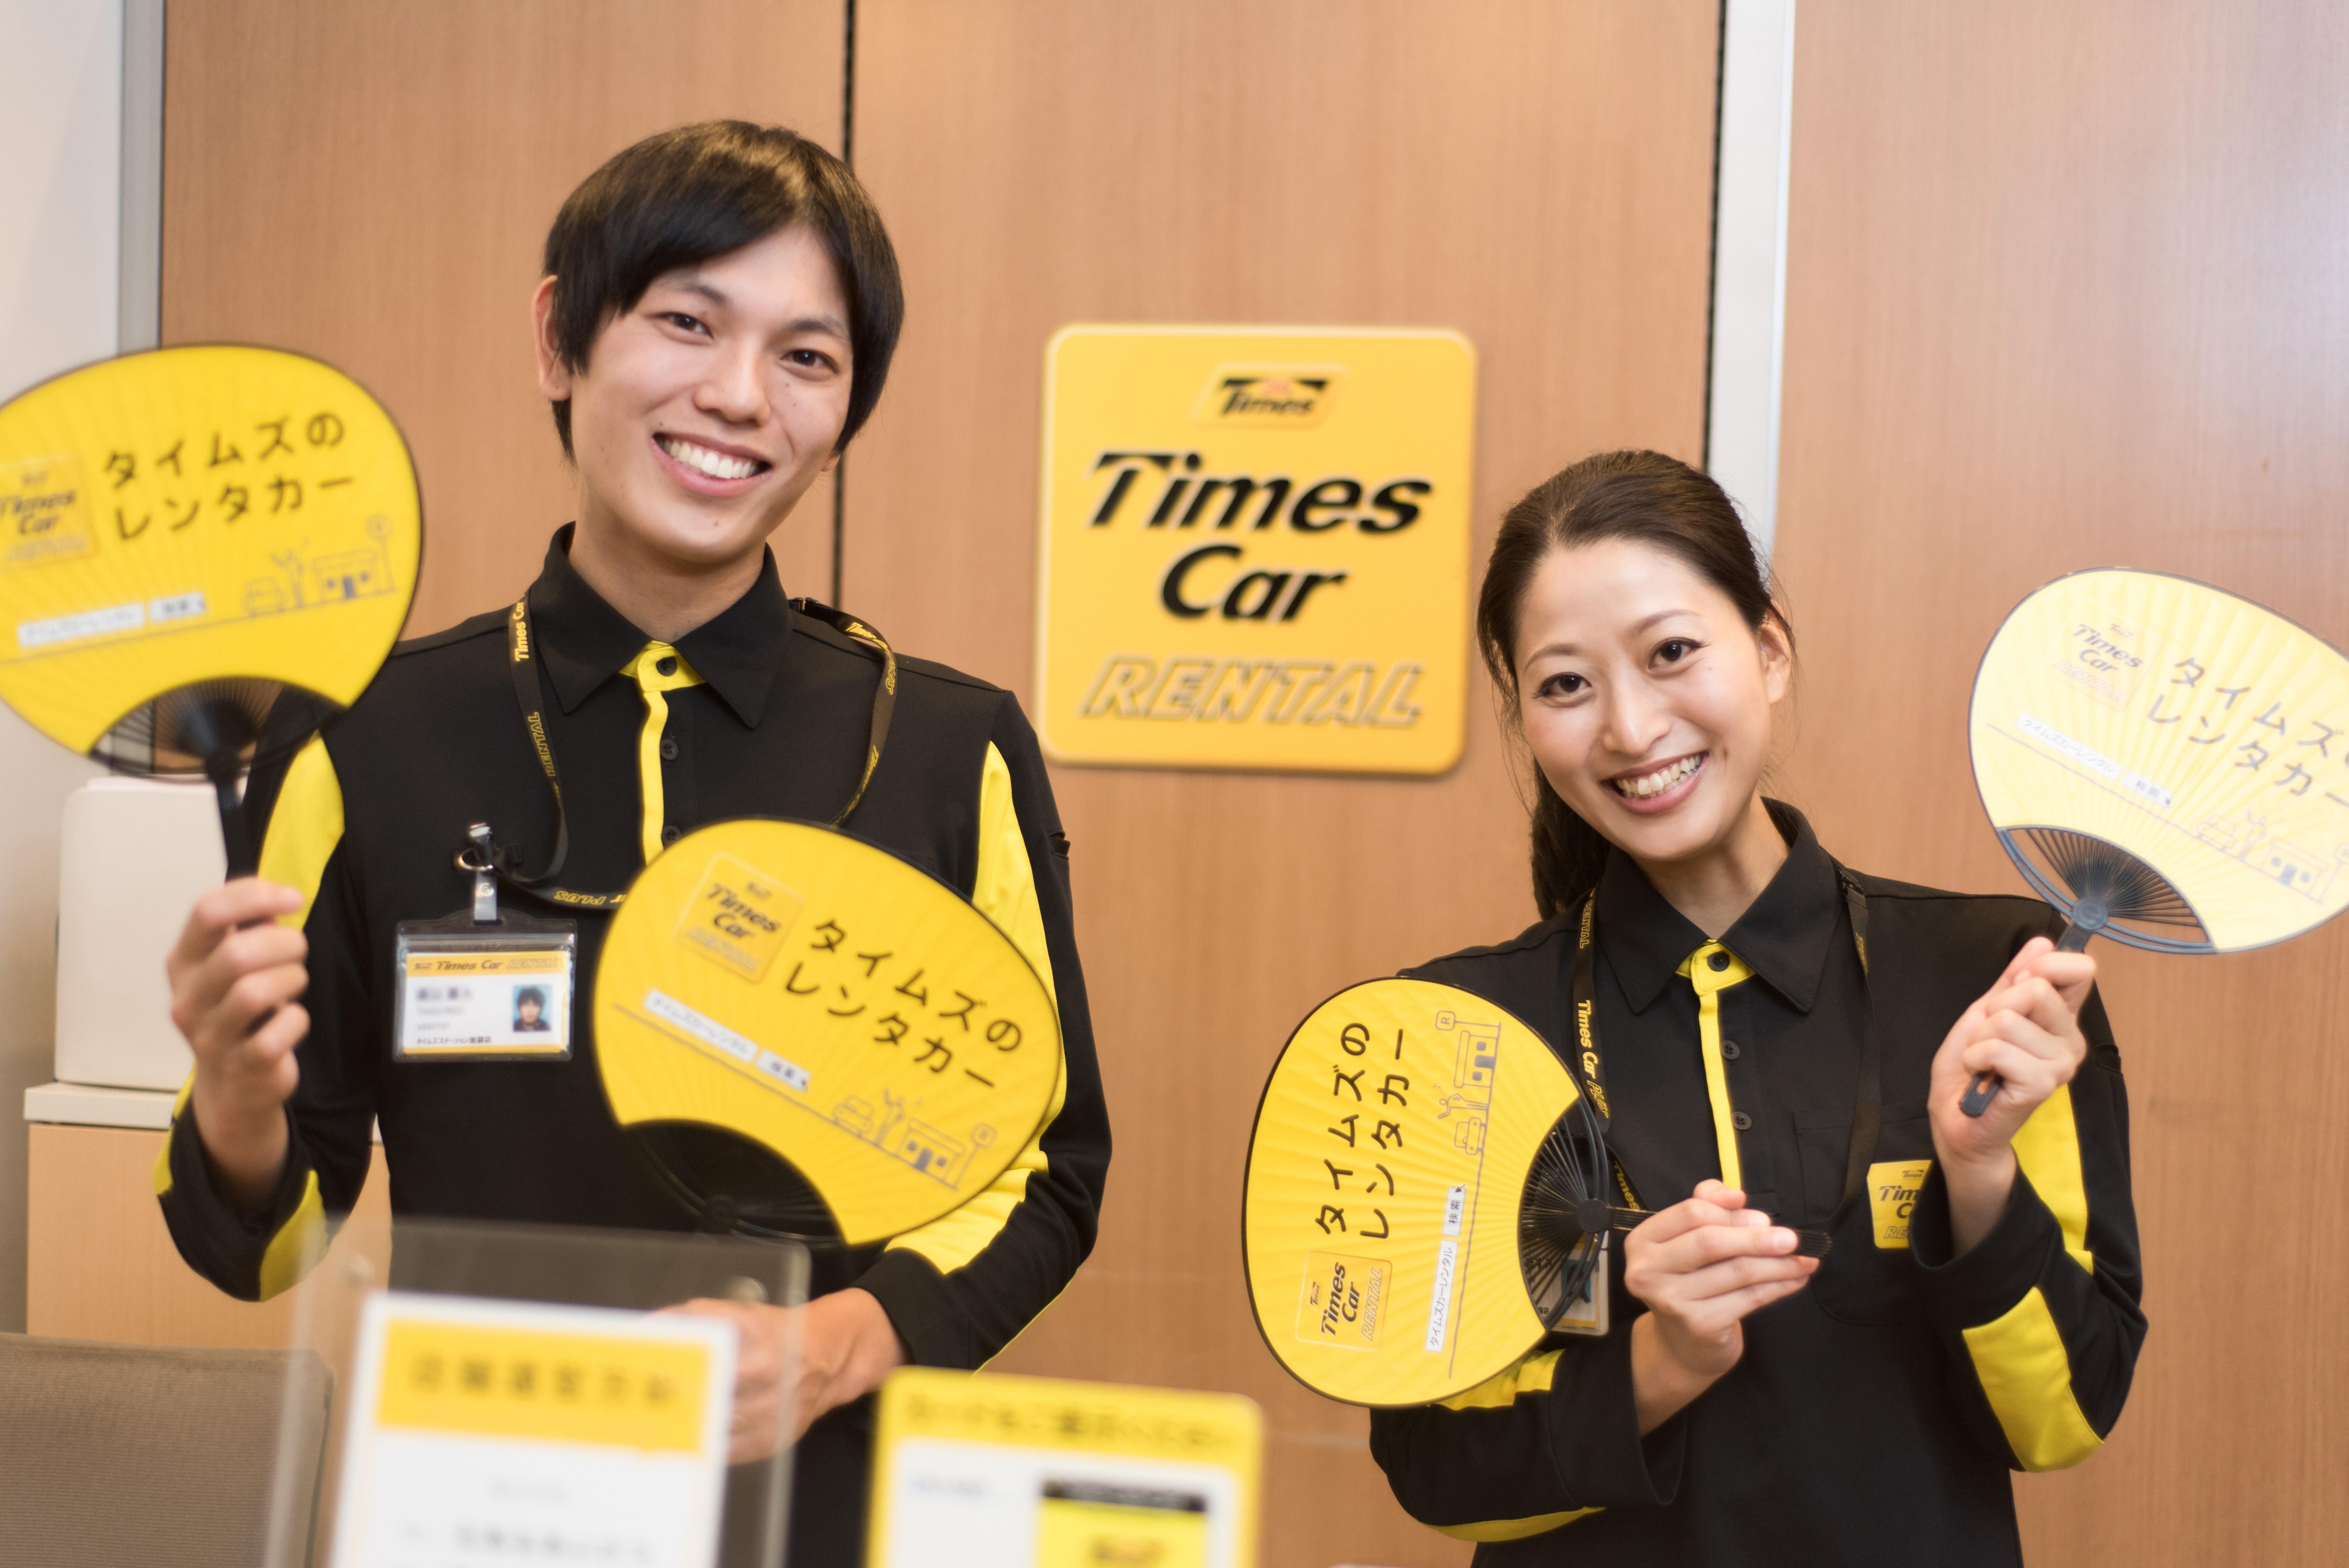 タイムズカーレンタル 大阪駅西店 のアルバイト情報